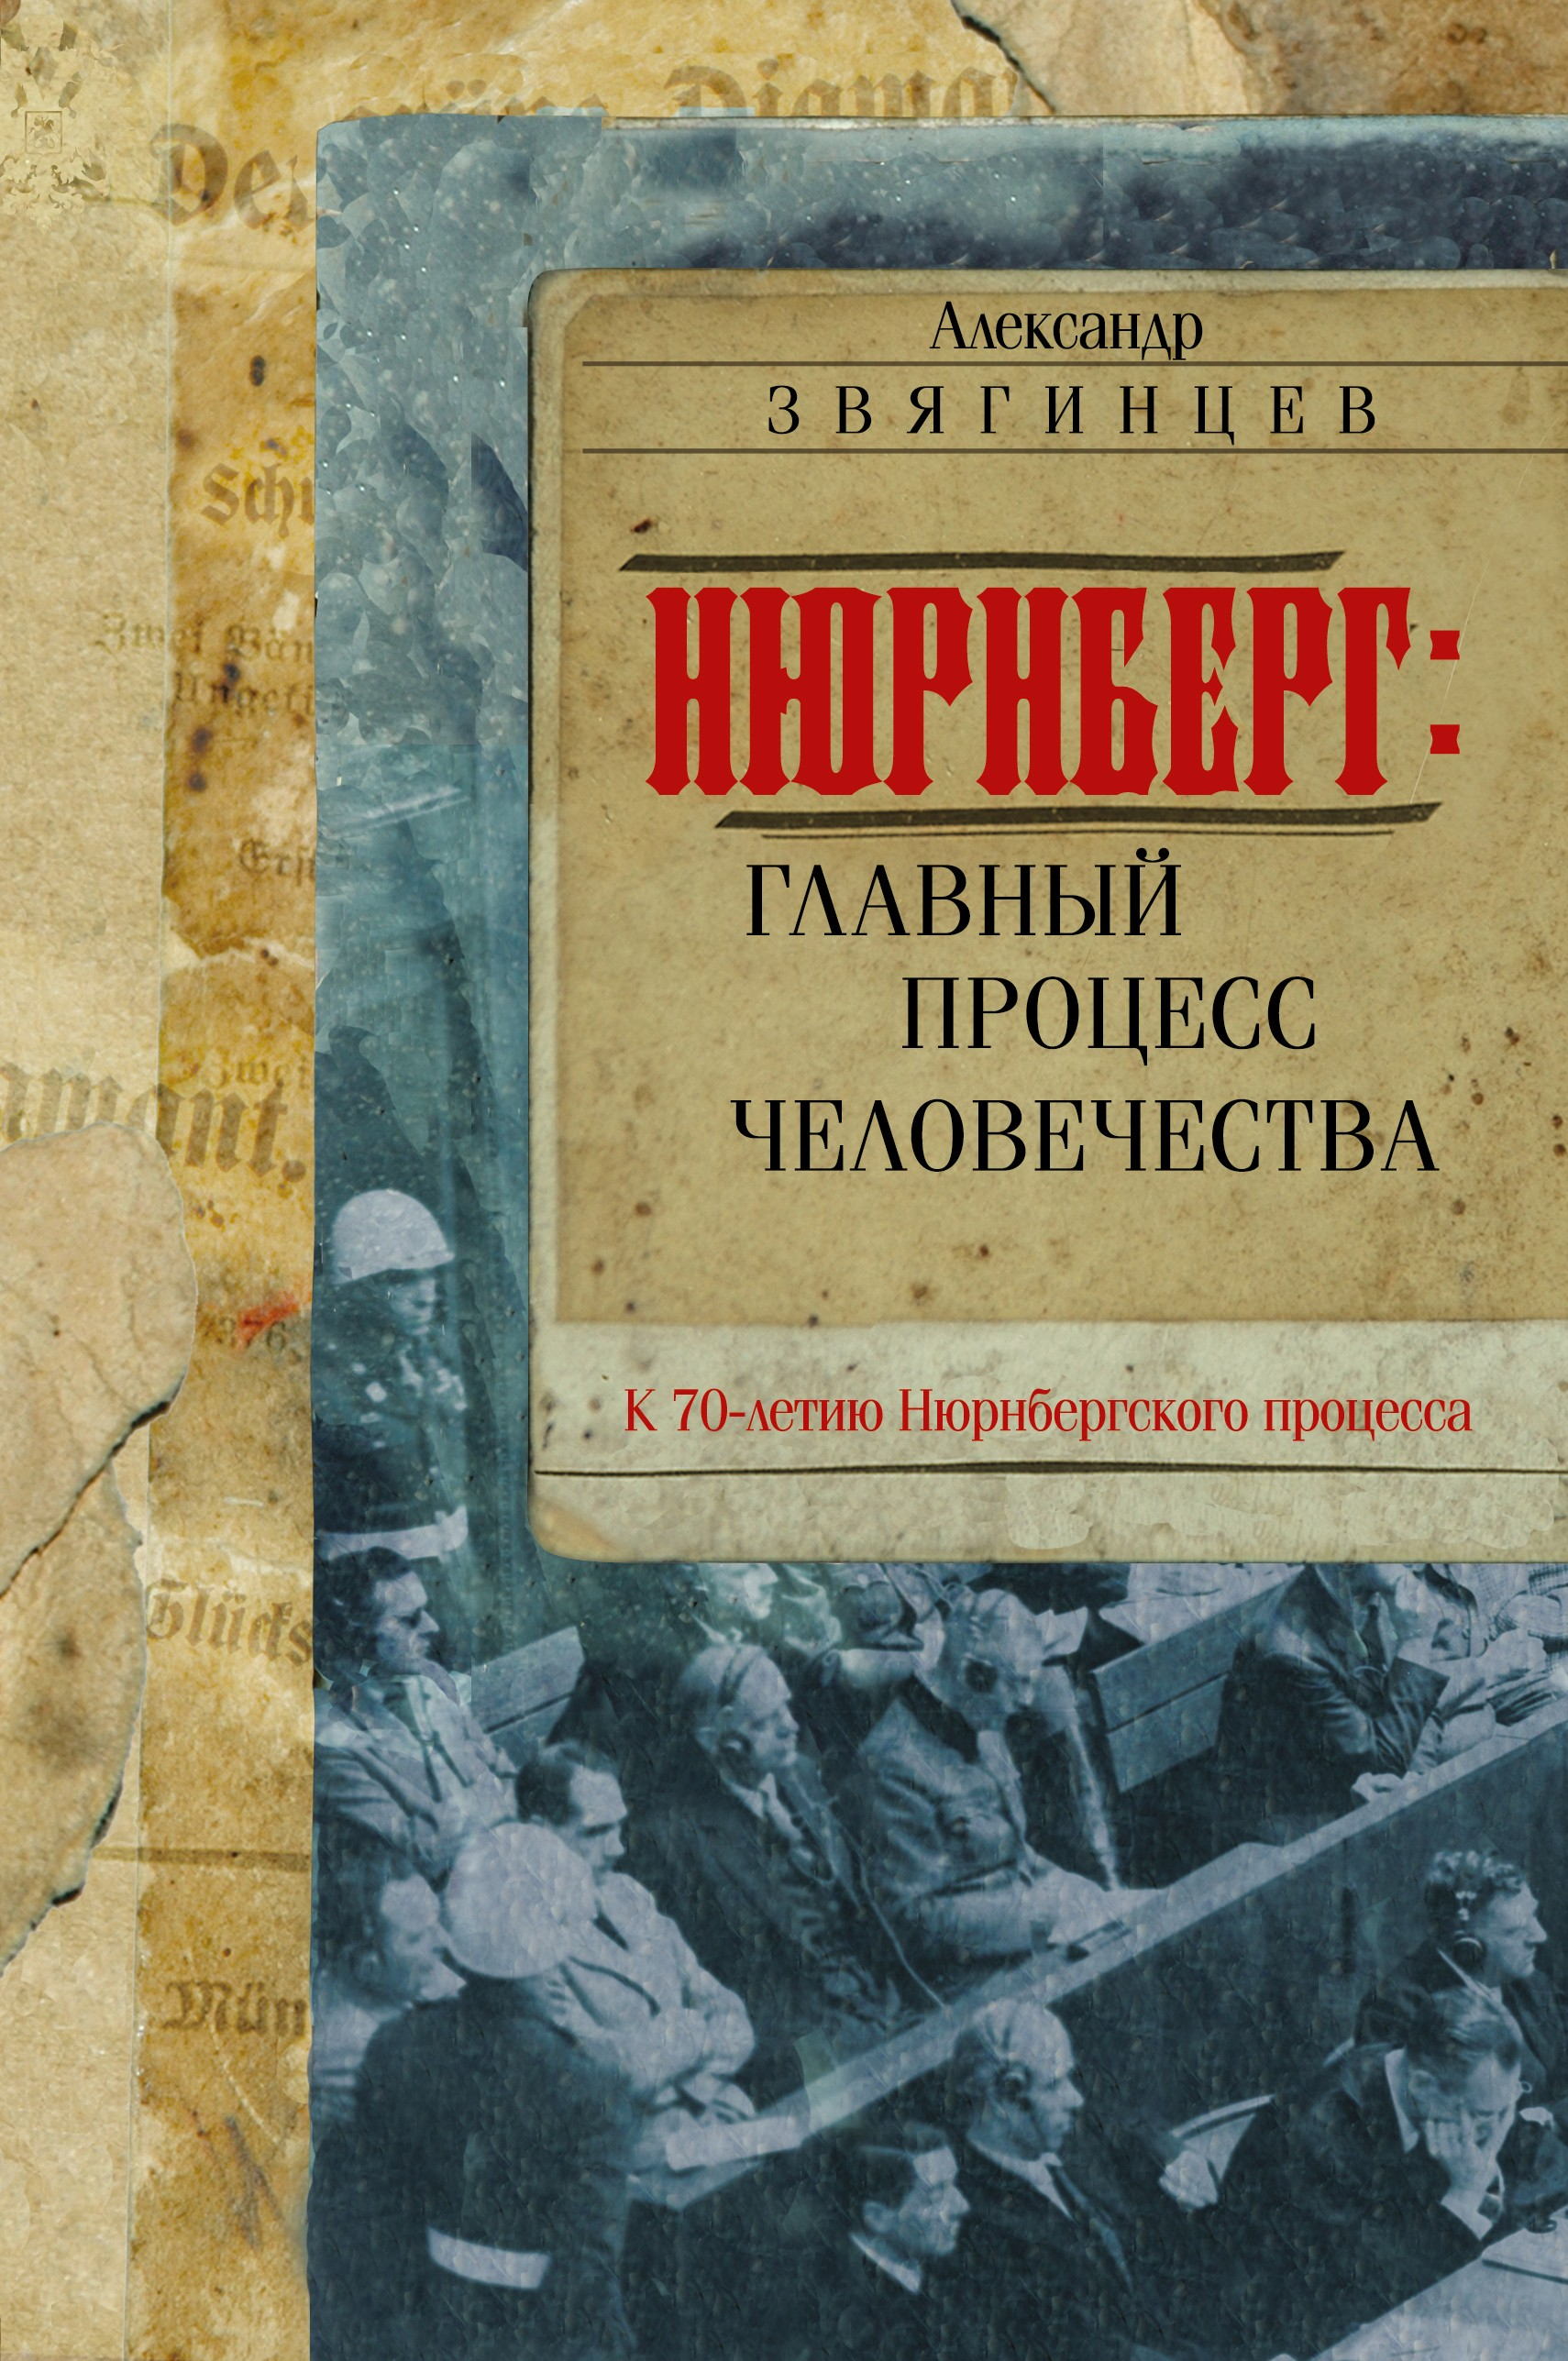 Александр Звягинцев Нюрнберг. Главный процесс человечества